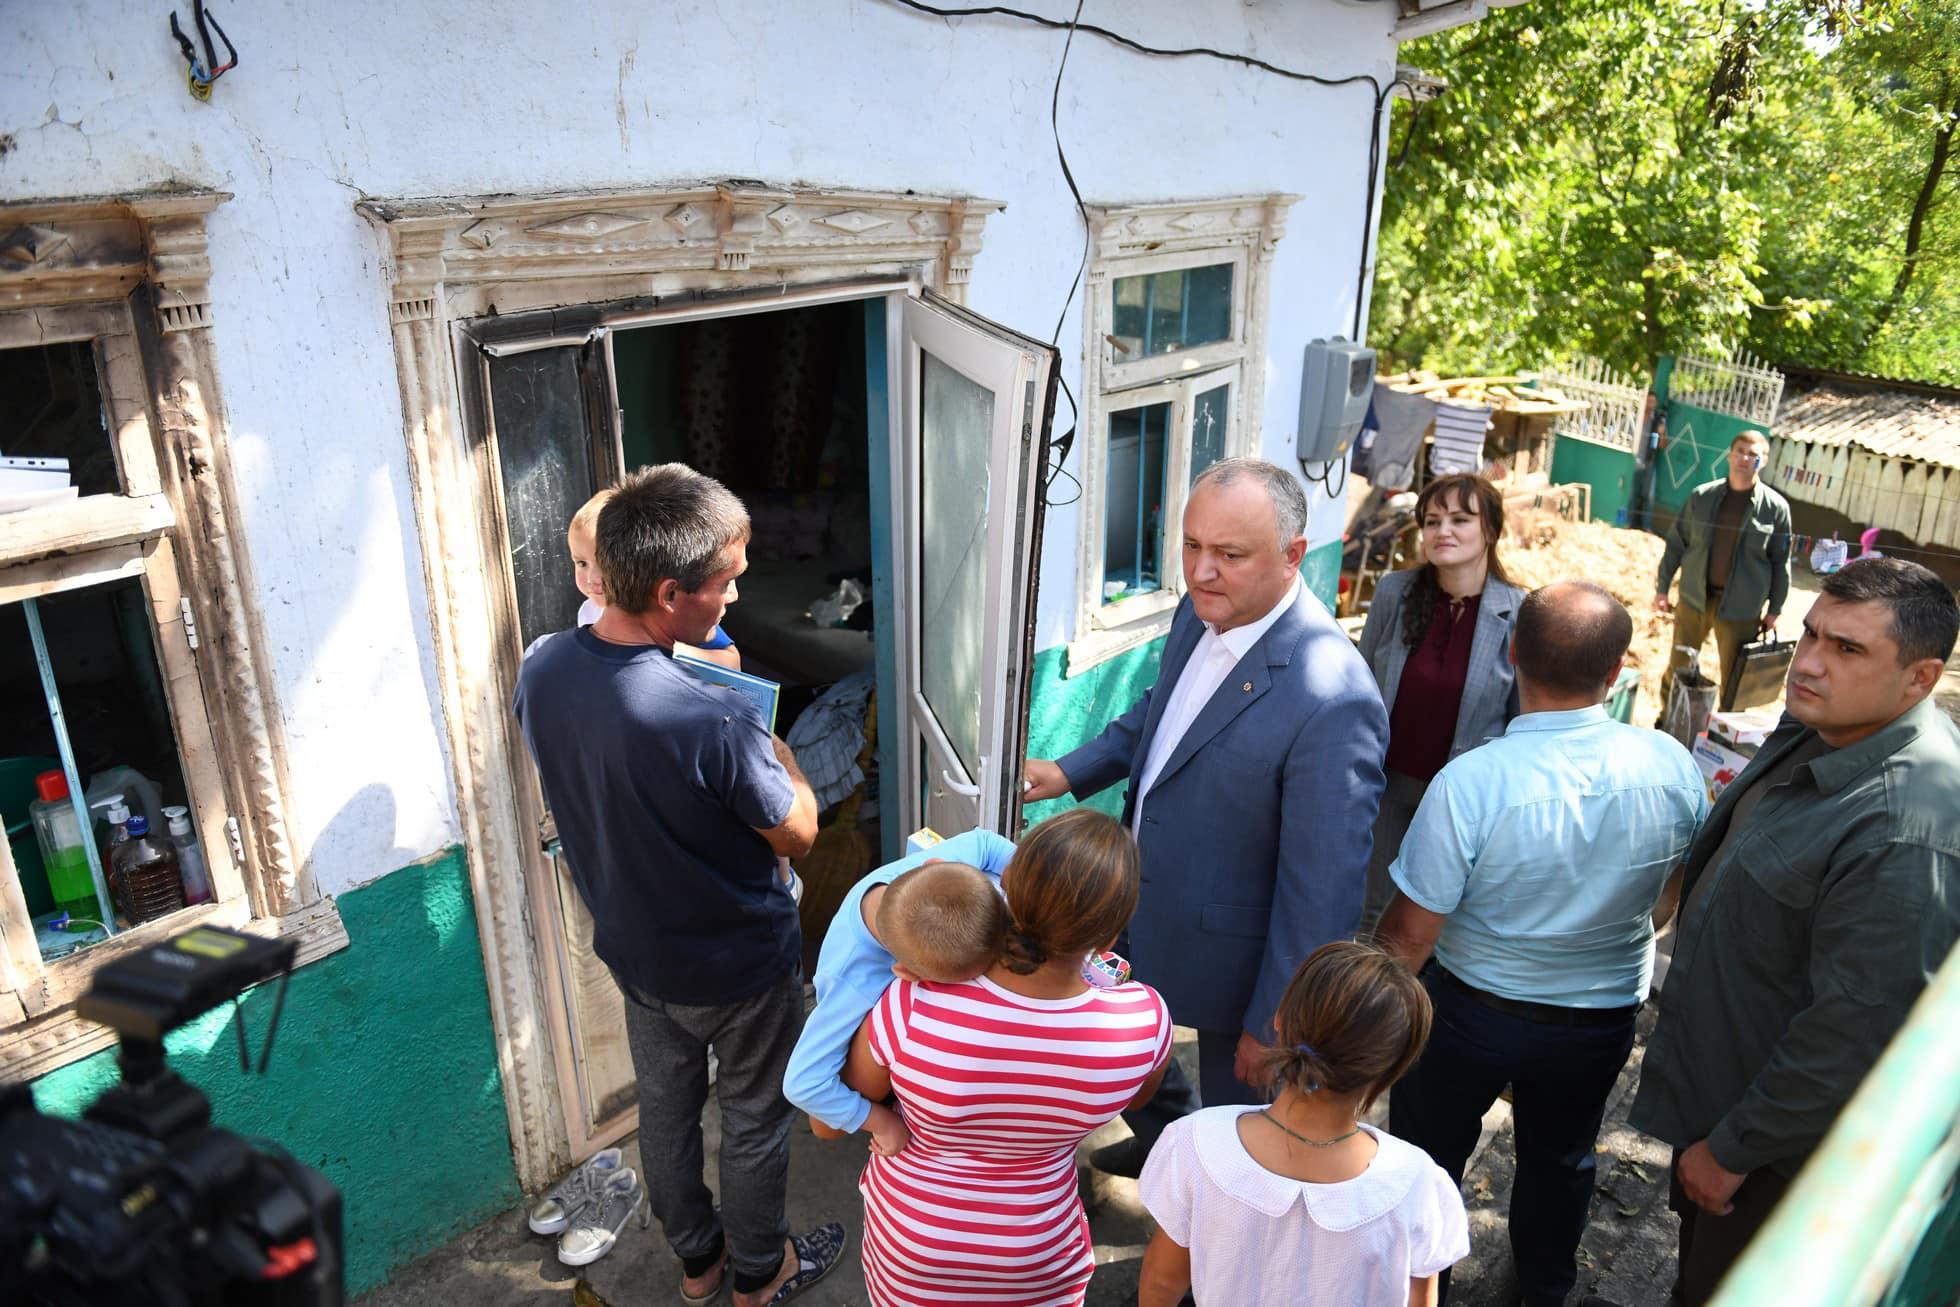 Семья президента решила помочь обрести крышу над головой еще одной нуждающейся семье (ФОТО, ВИДЕО)